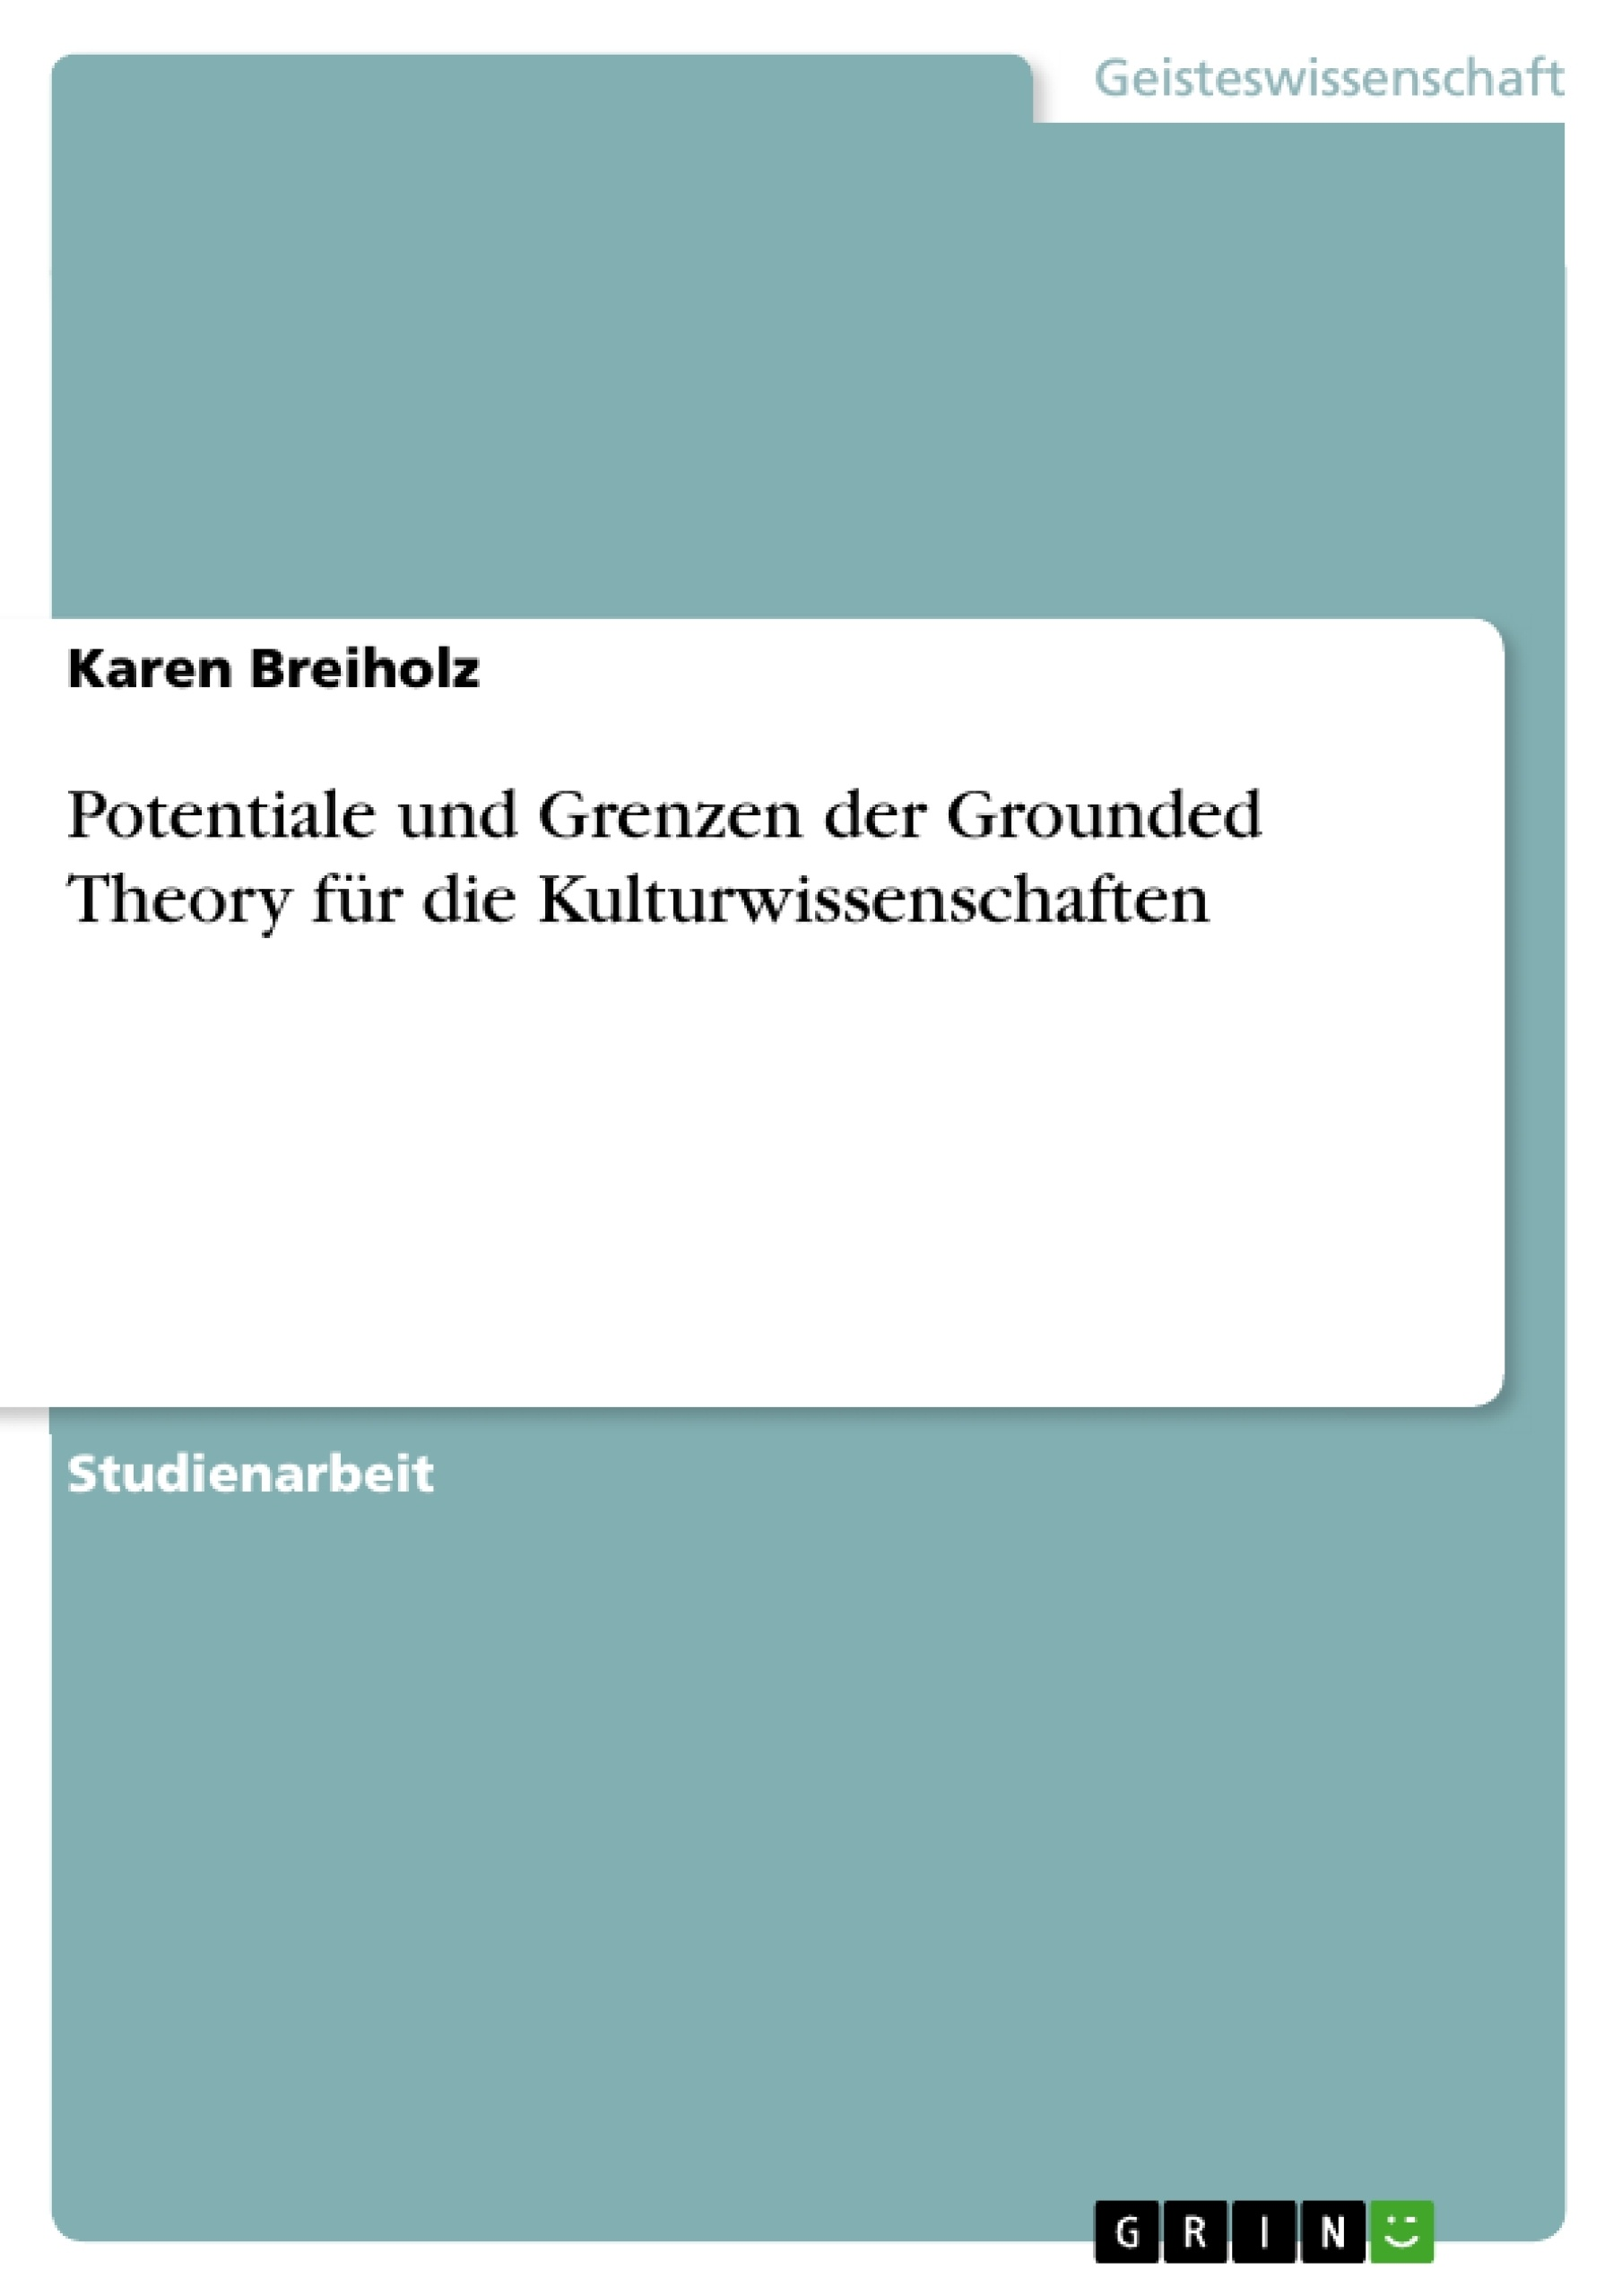 Titel: Potentiale und Grenzen der Grounded Theory für die Kulturwissenschaften